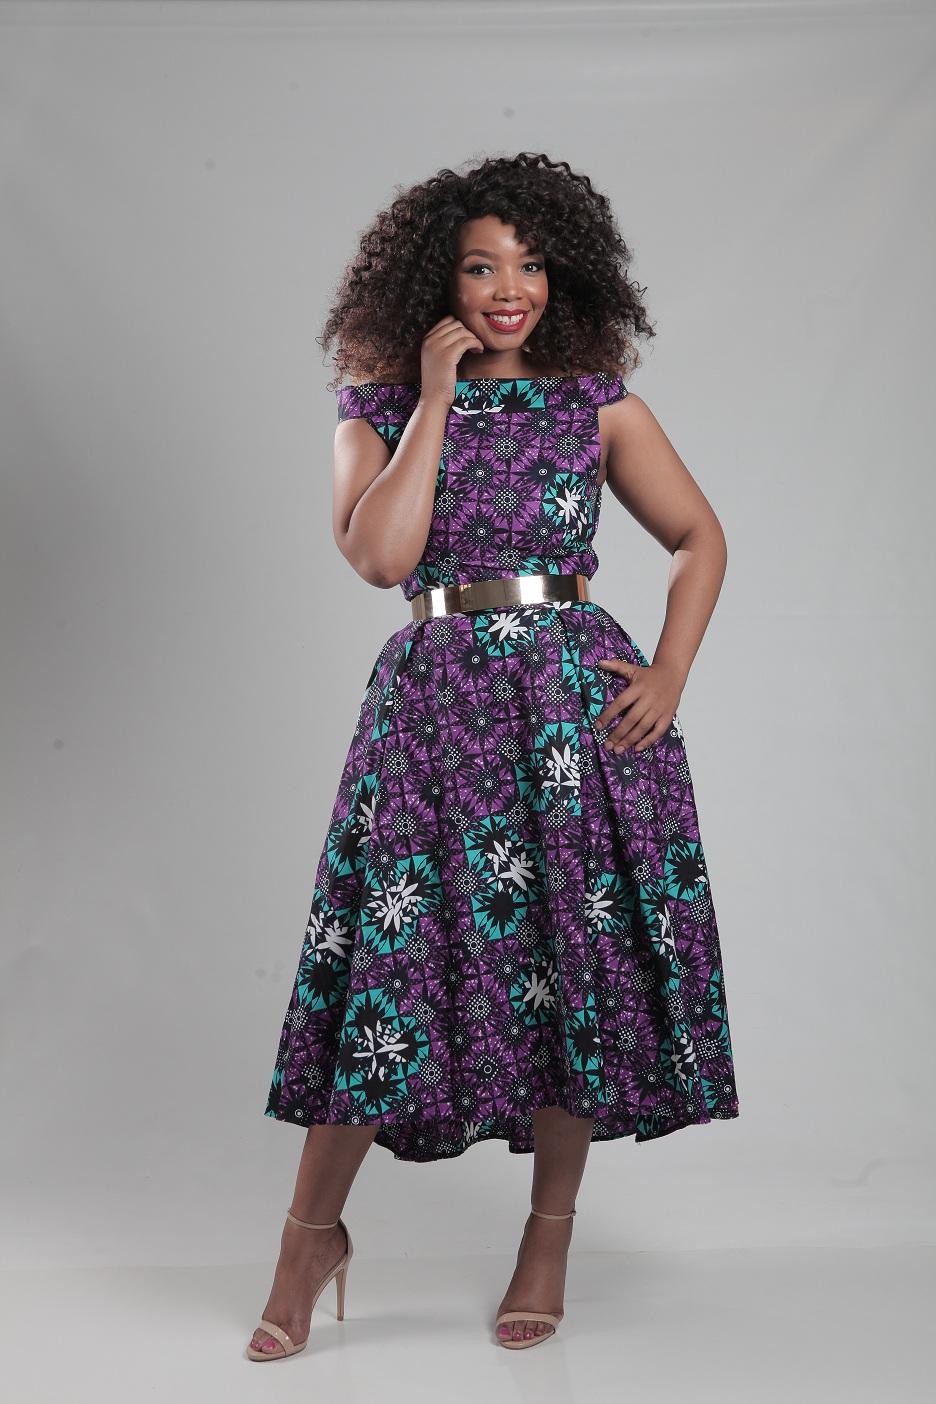 Thembisa